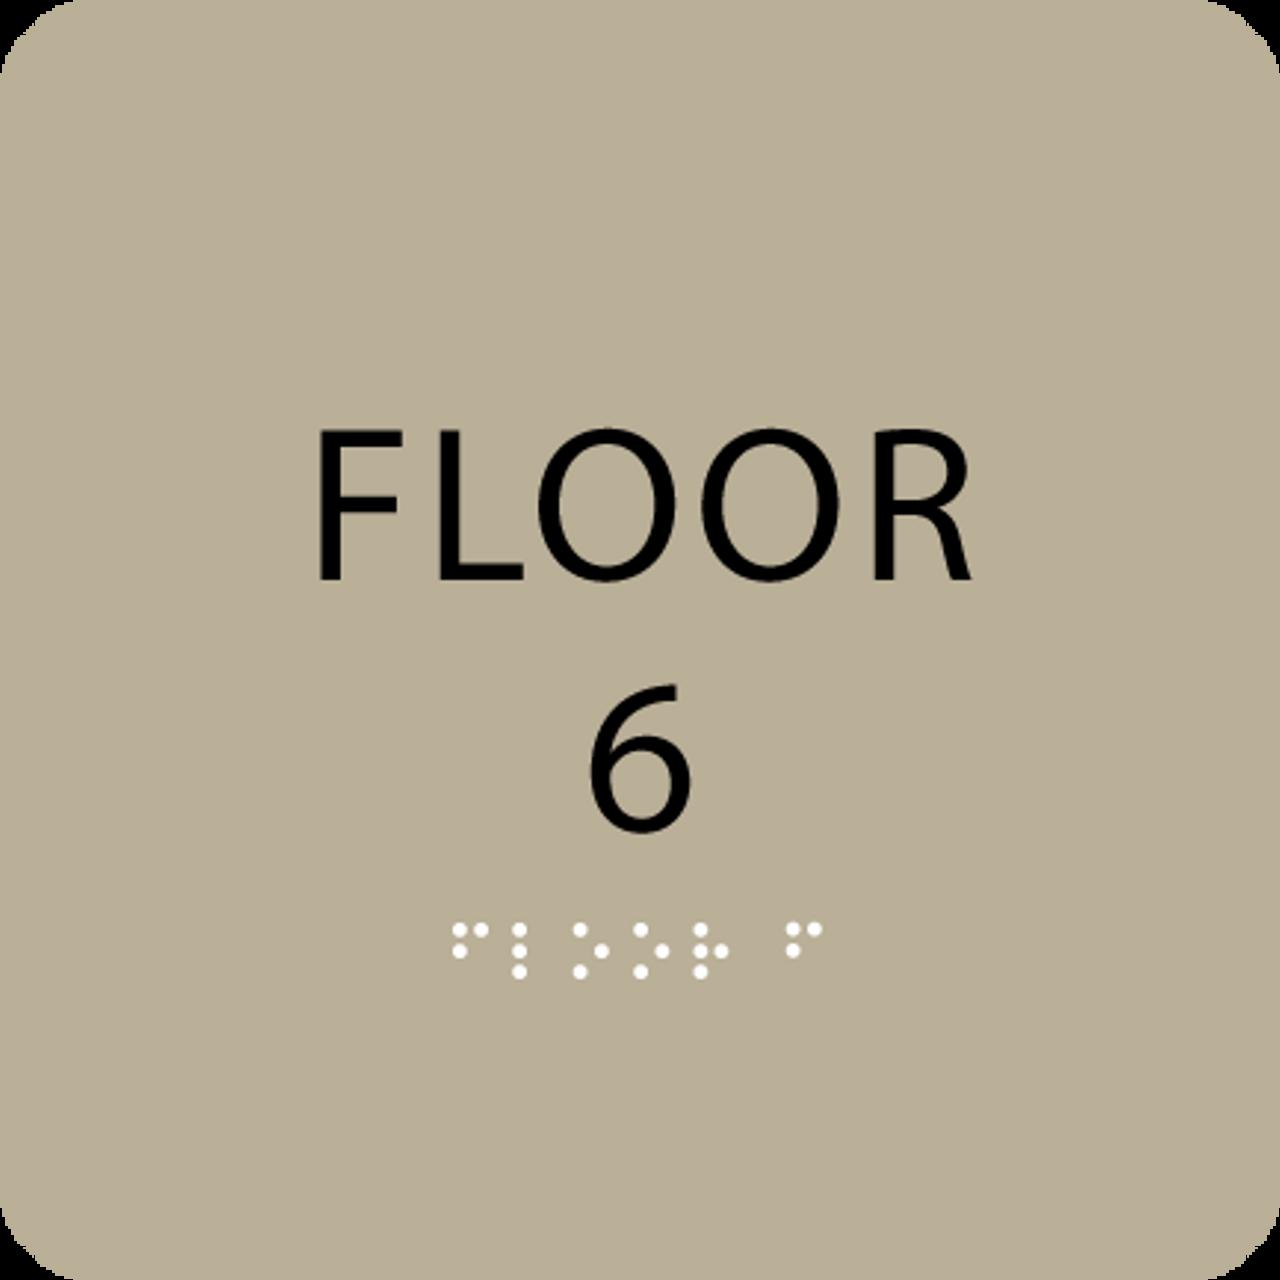 Brown Floor 6 Level Number ADA Sign